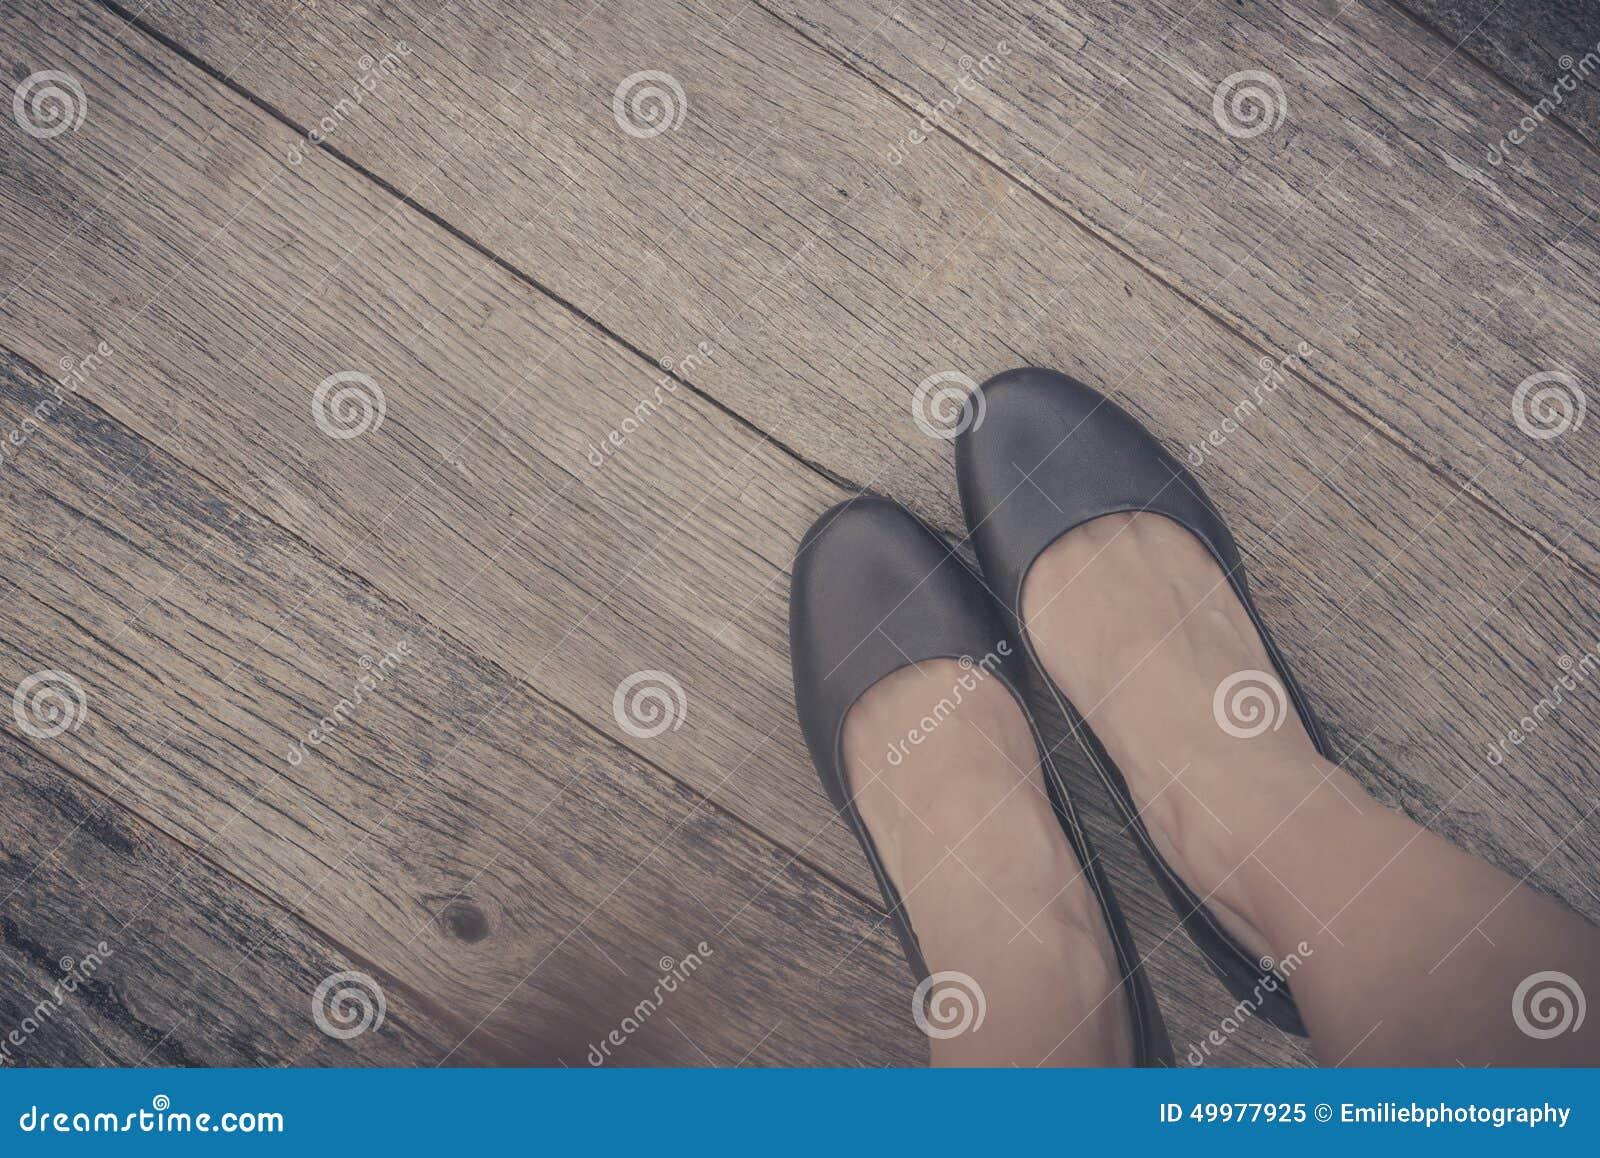 Ноги от первого лица фото фото 261-599